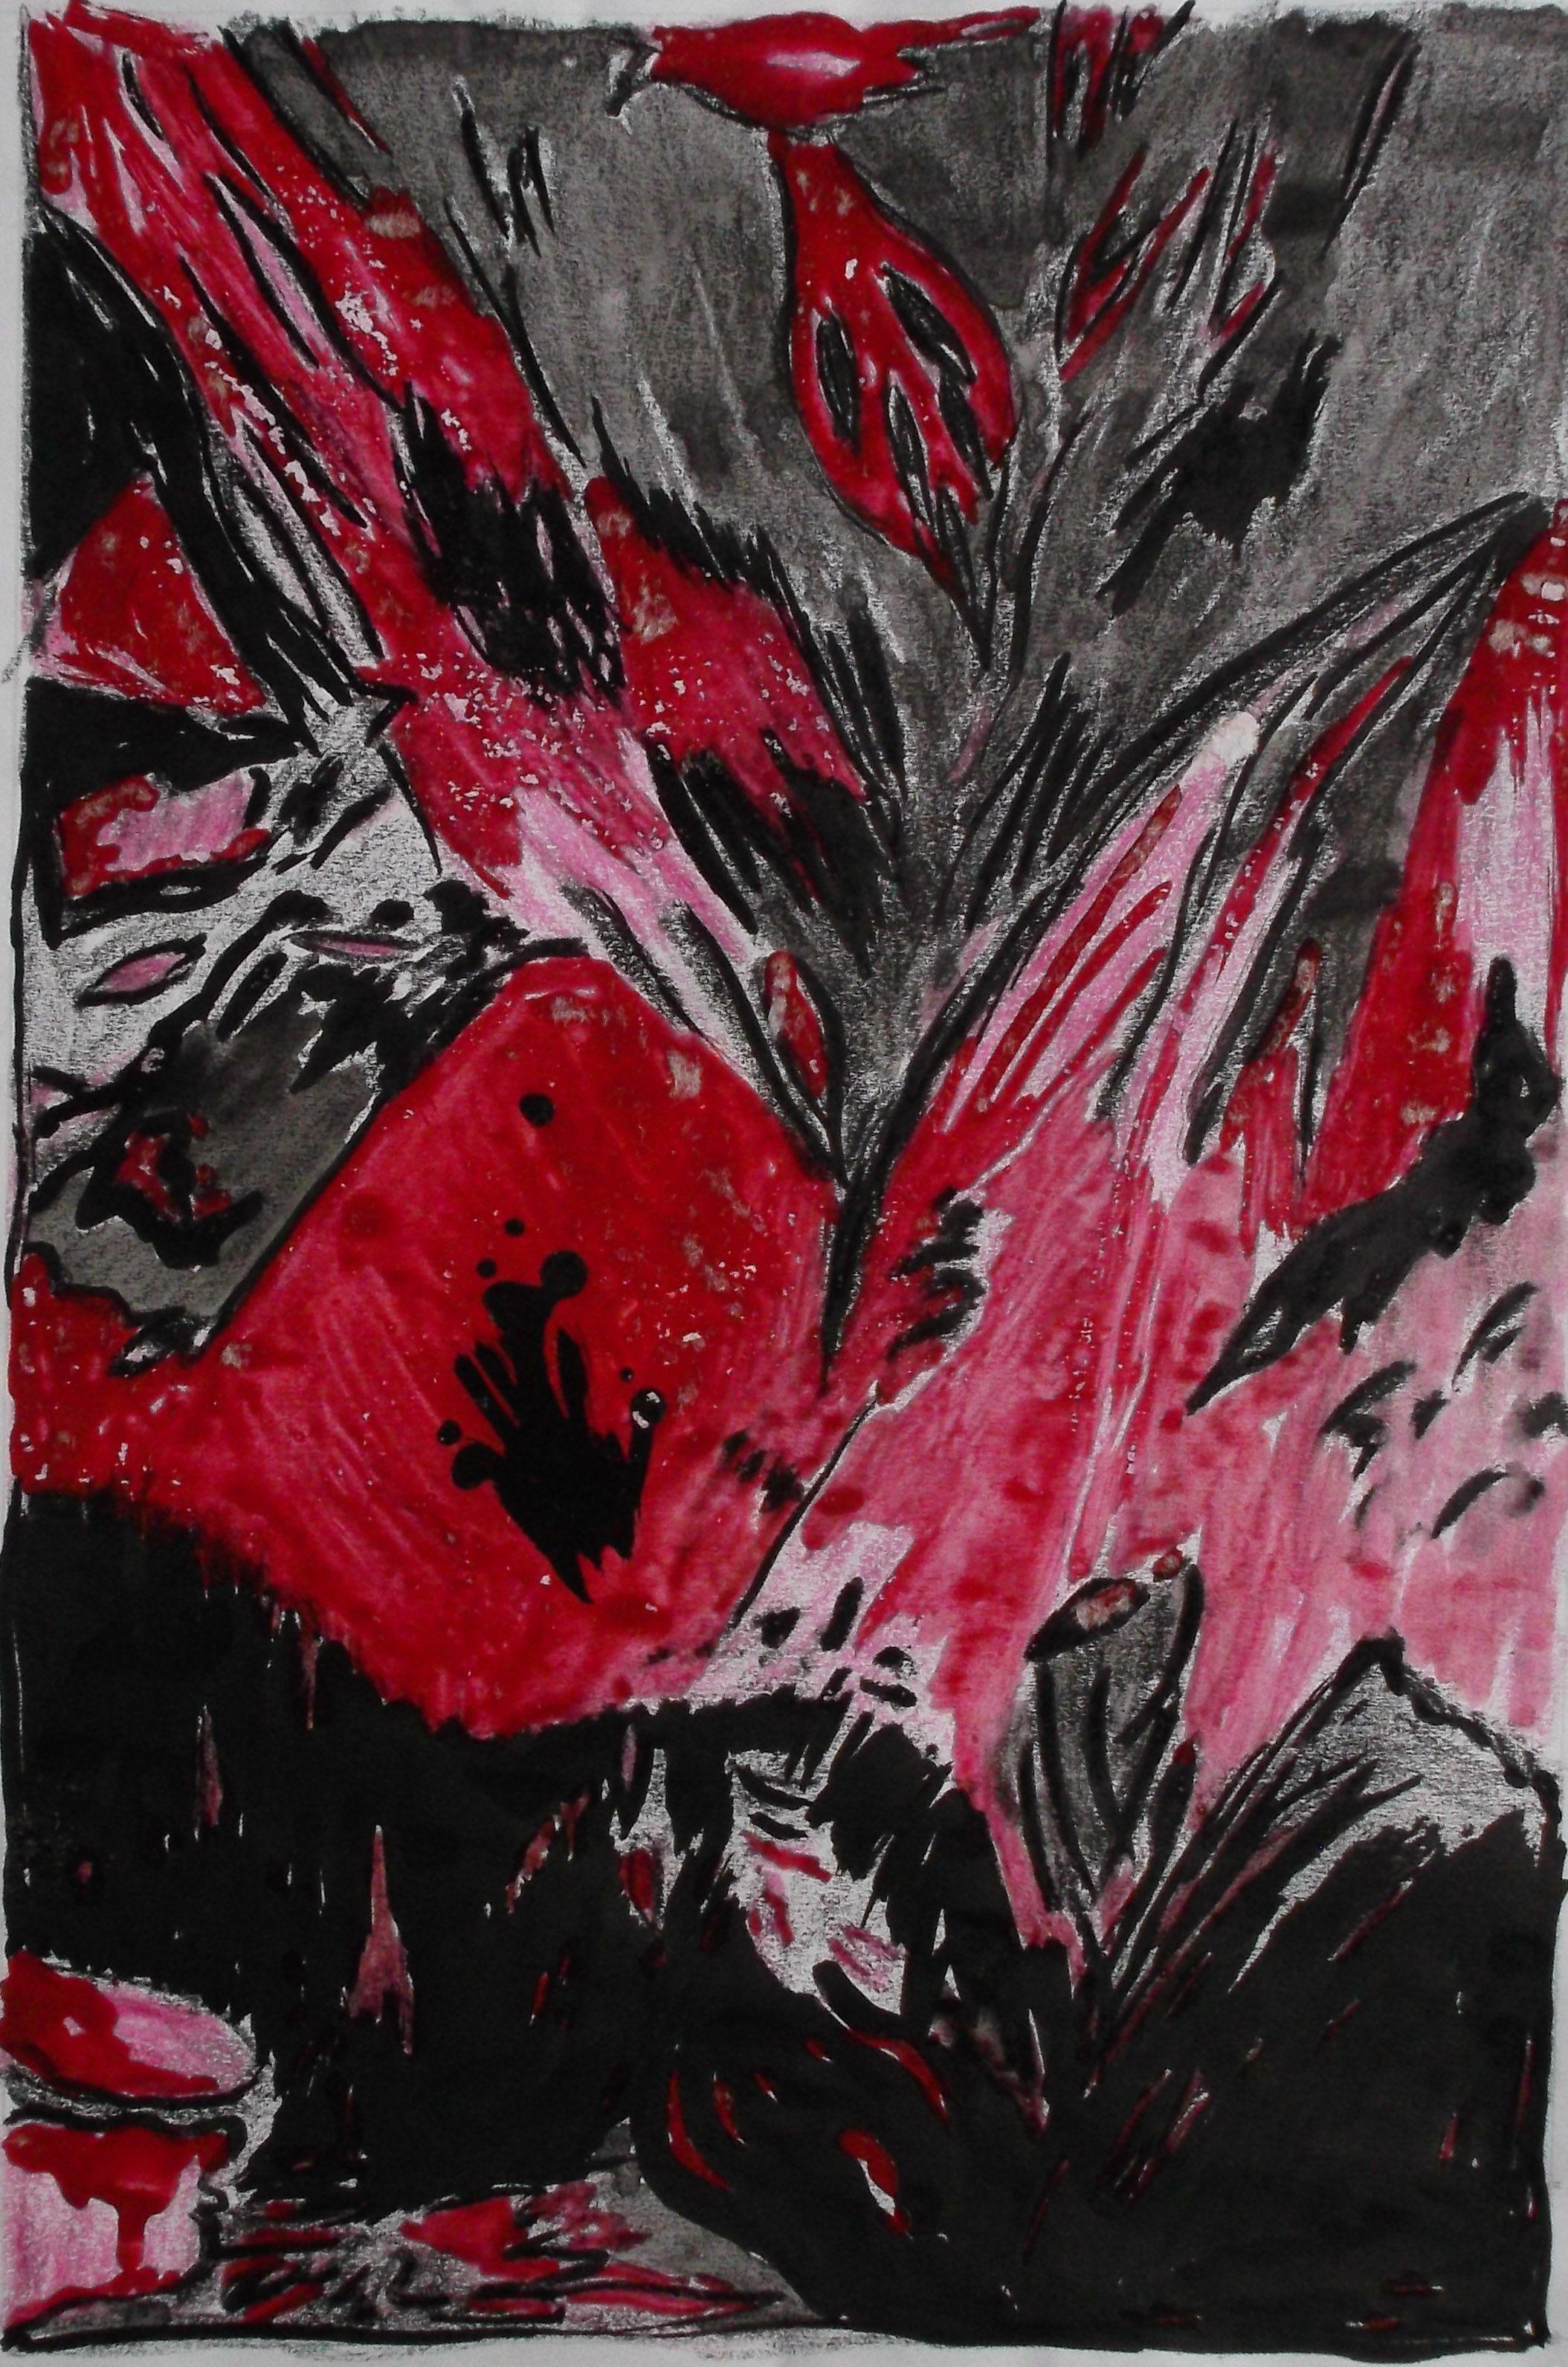 Painting Art Poppyseed Flowers Stillife Kunst Mohnblumen Munchen Mohnblume